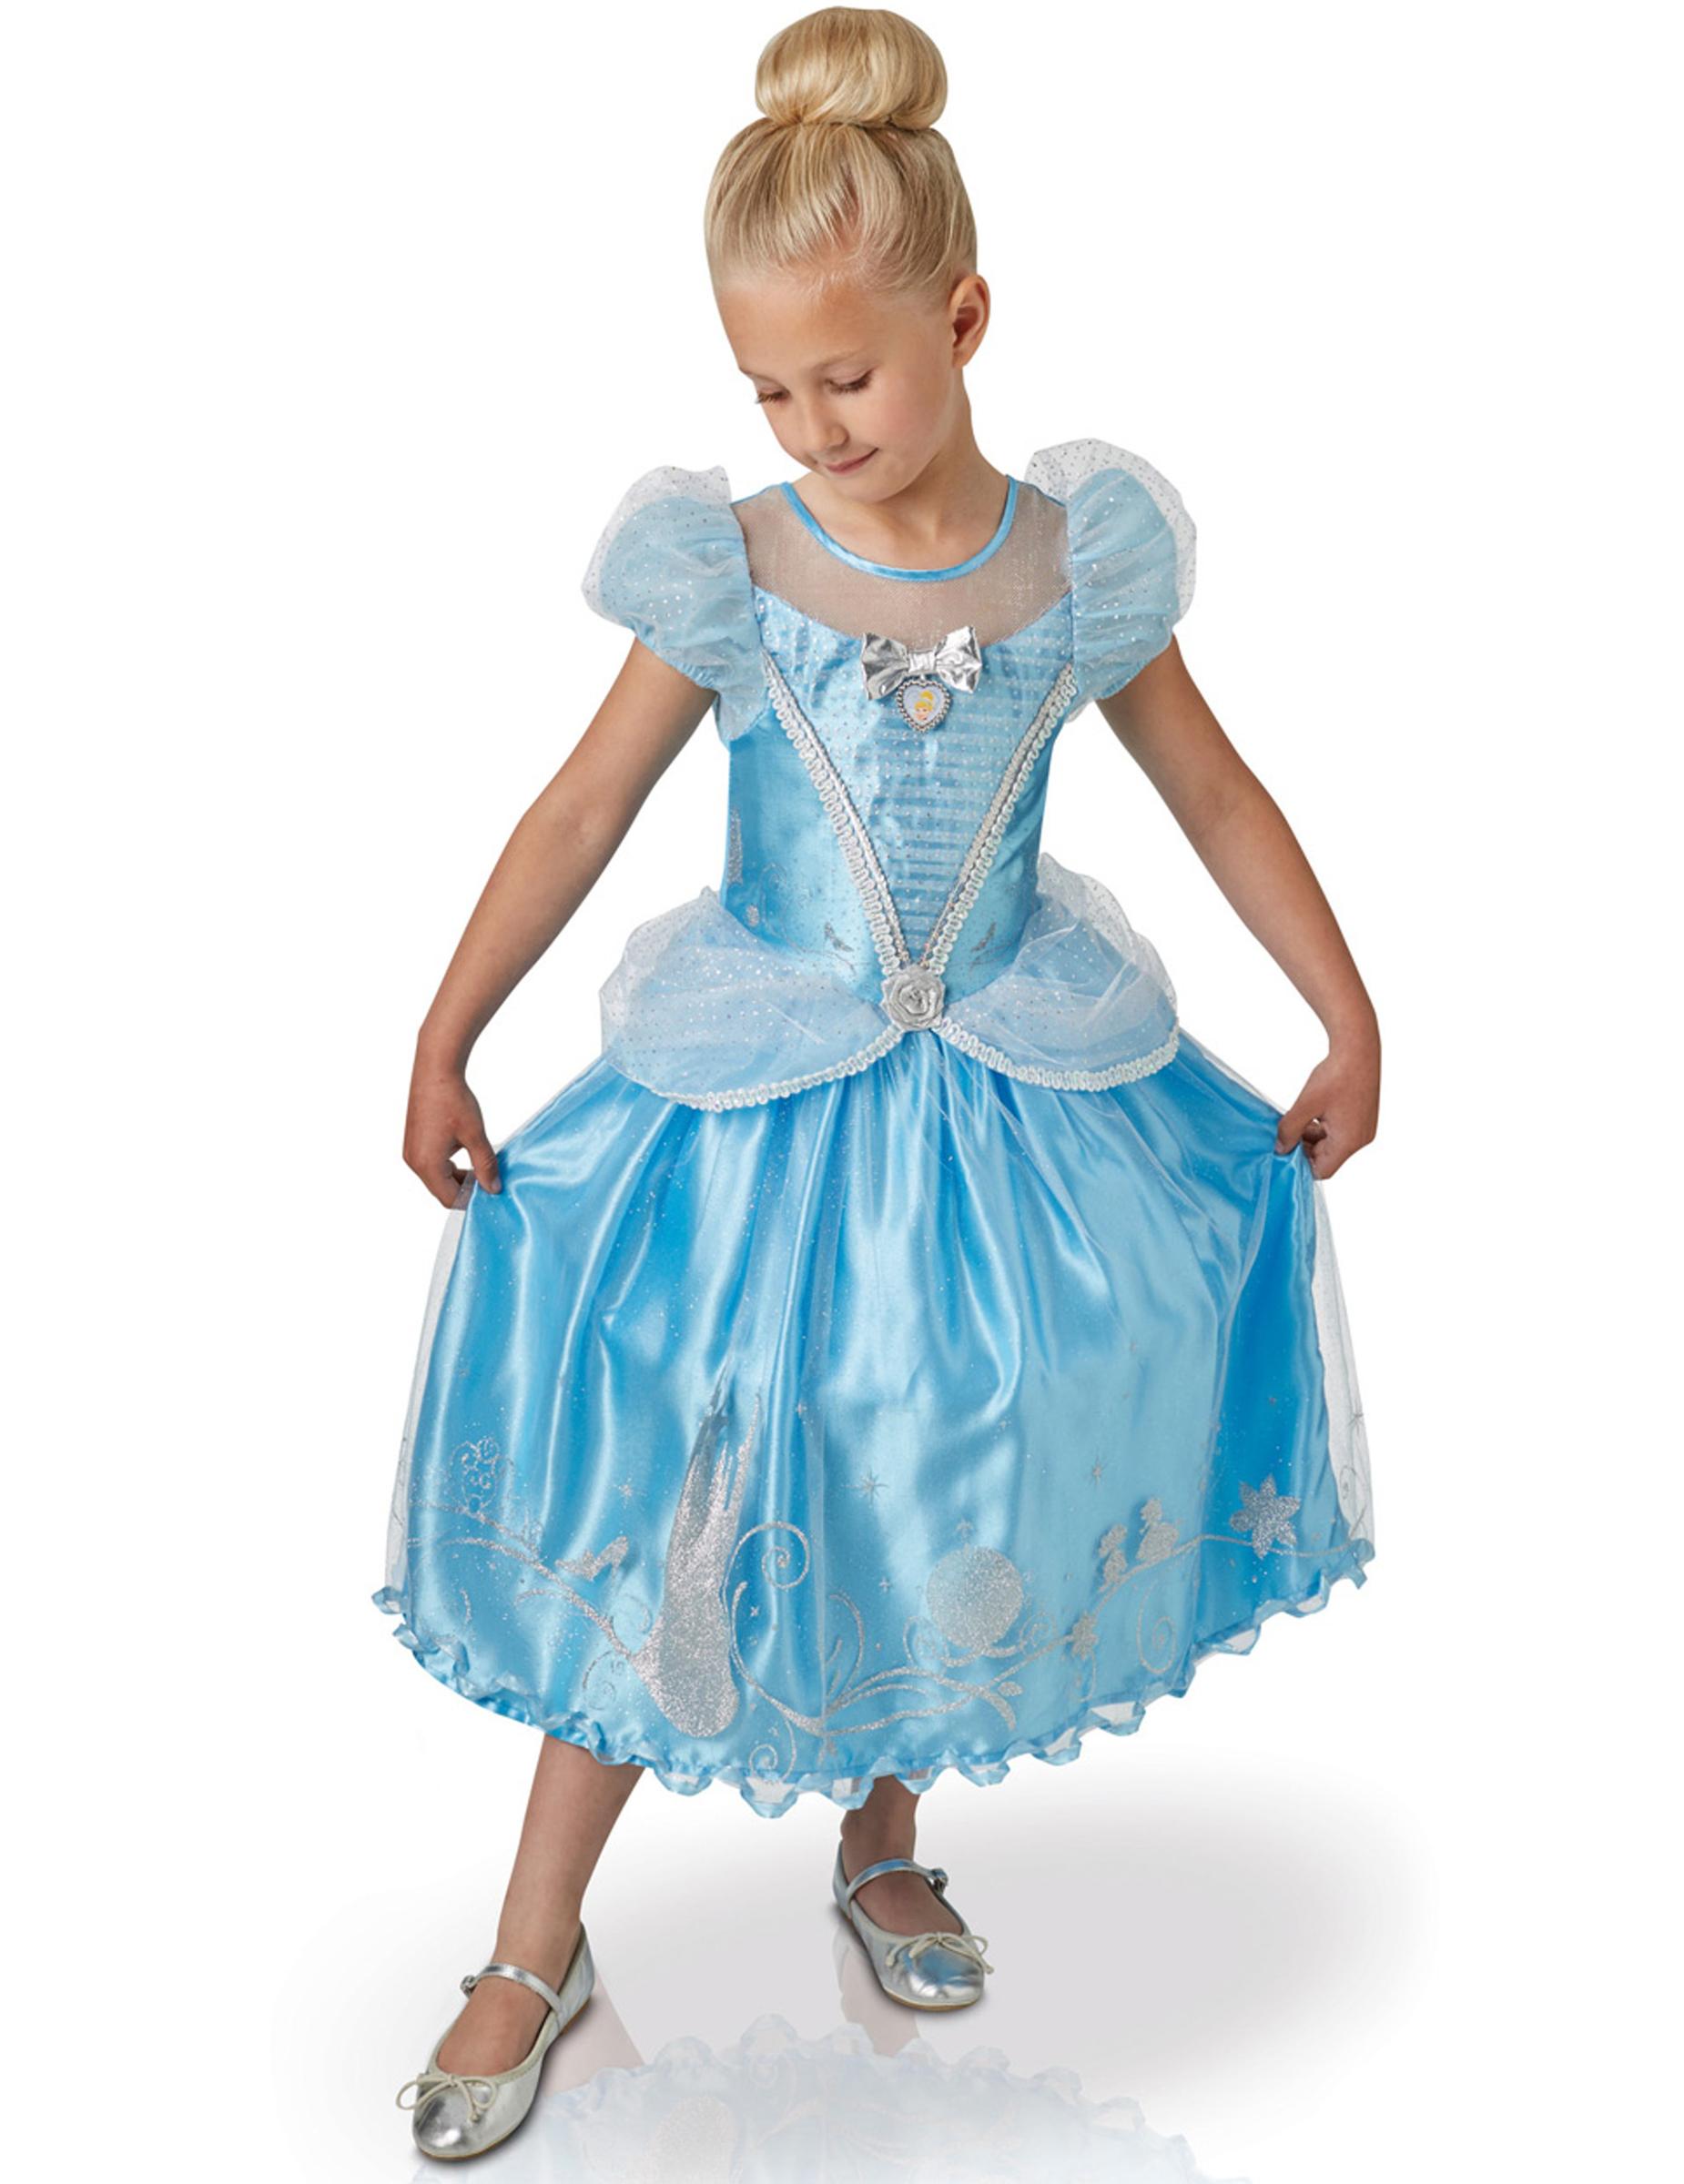 comprando ora bambino in uso durevole Costume da Cenerentola™ al ballo per bambina